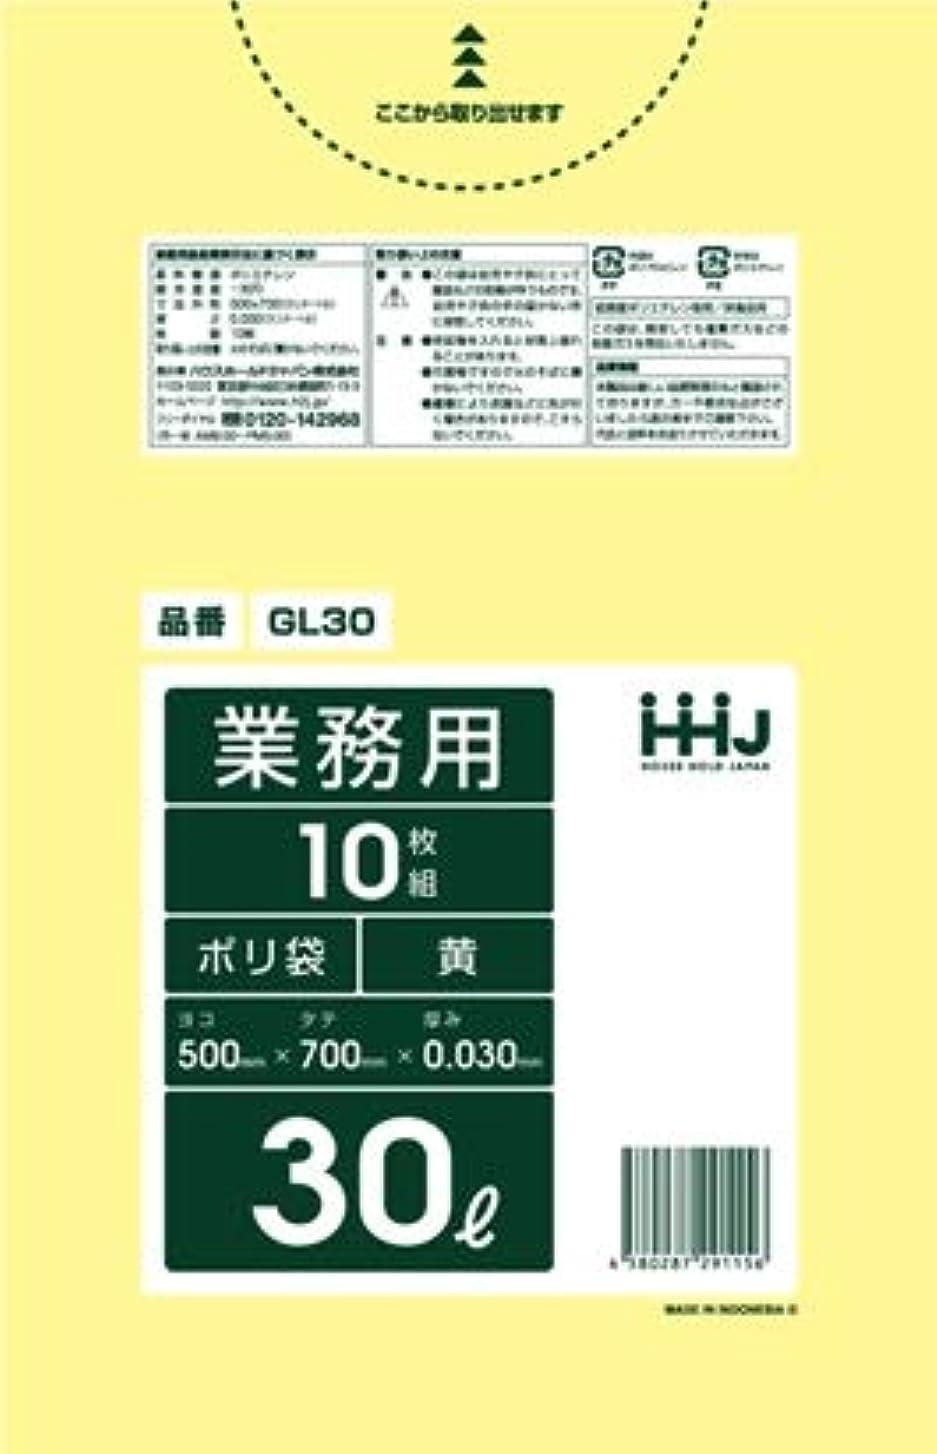 トランペット拡声器桁【お買得】HHJ 業務用ポリ袋 30L 黄色 0.030mm 800枚 10枚×80冊入 GL30